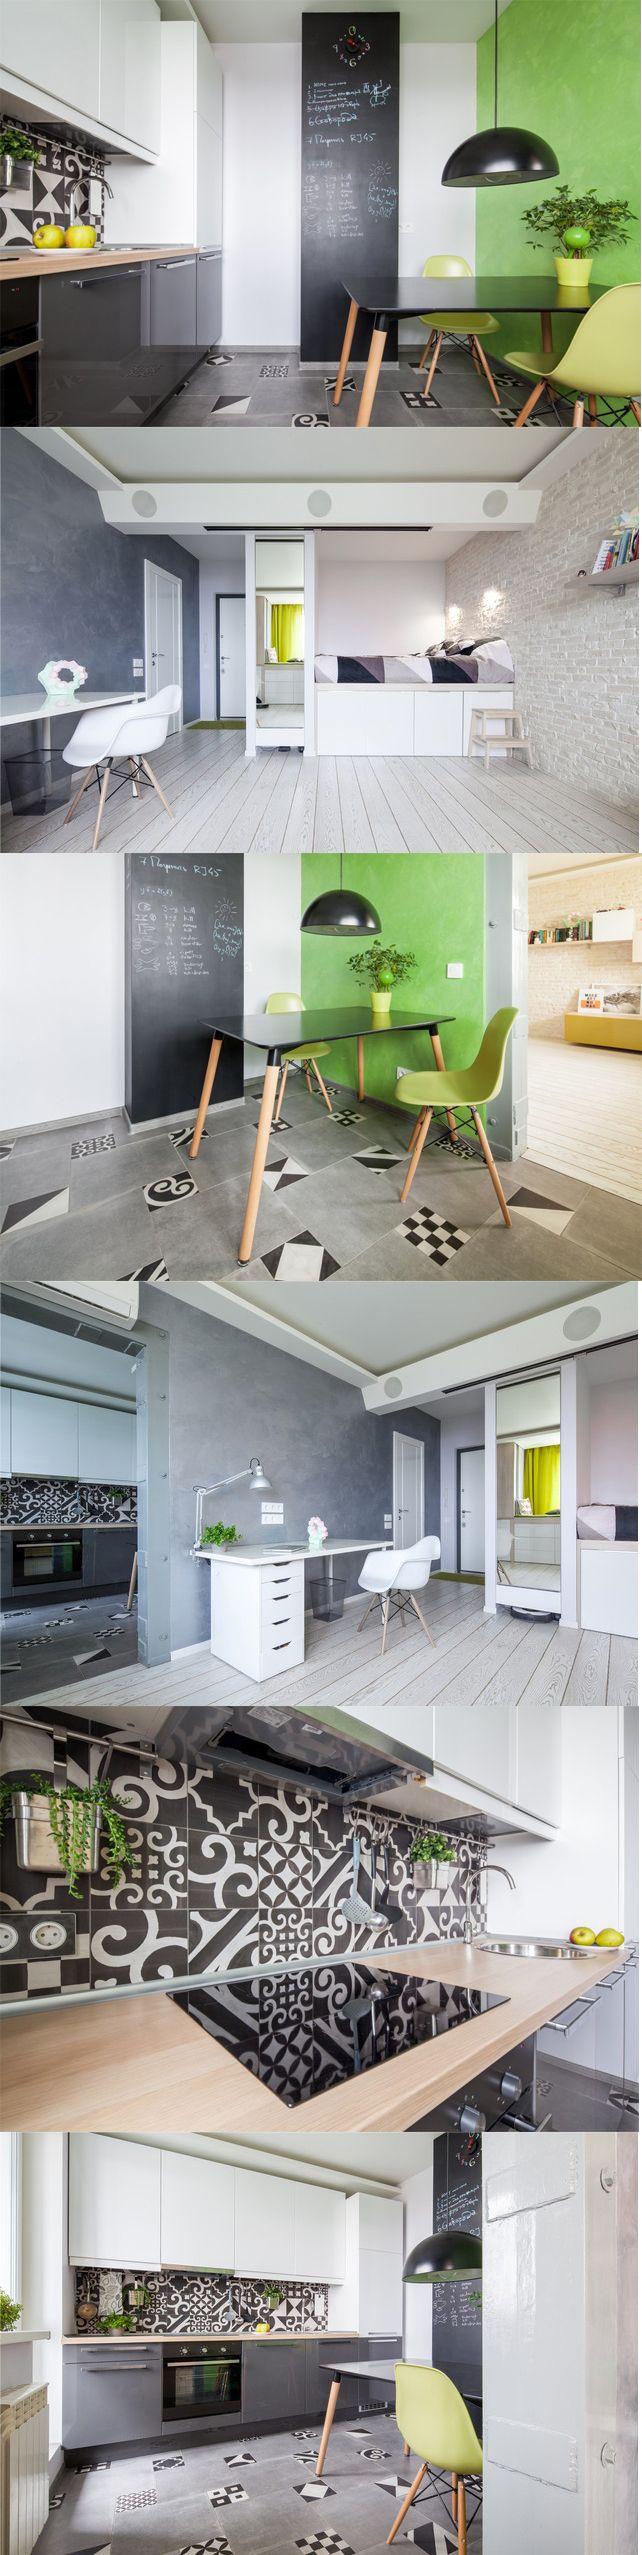 Зеленый цвет, грифельная стена, пестрый фартук на кухне и витровские стулья. + горизонтальное хранение под кроватью. и Кровать высоко - и места внизу много. Главное - делать все выдвижным на колесиках.  Все прекрасно)